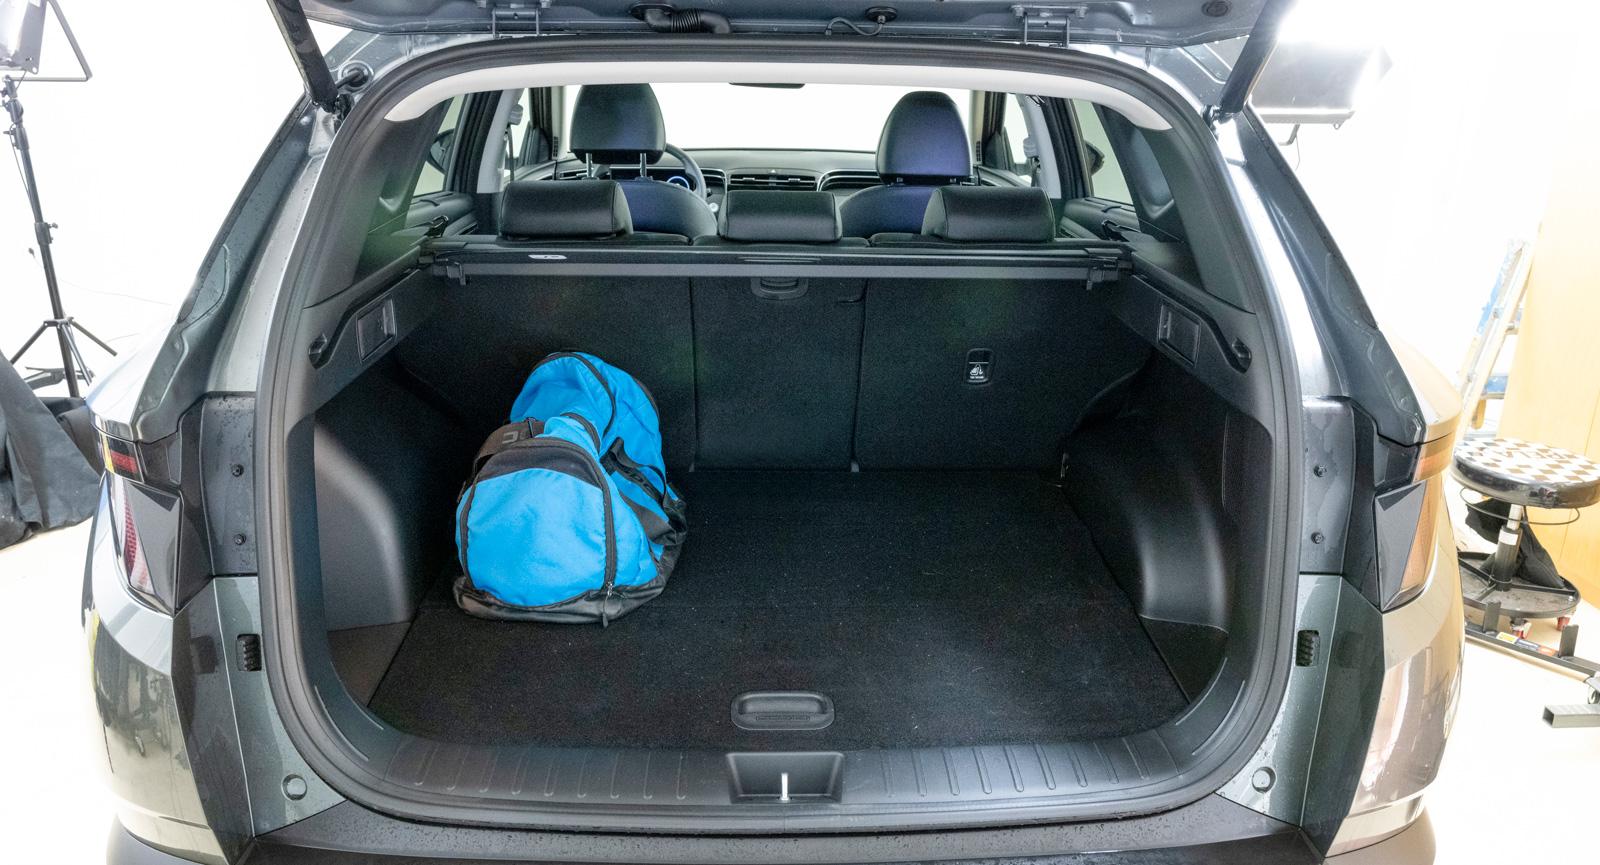 40/20/40-fällning av baksätet är en funktion Tucson delar med Tiguan. Volvo nöjer sig med genomlastningslucka.